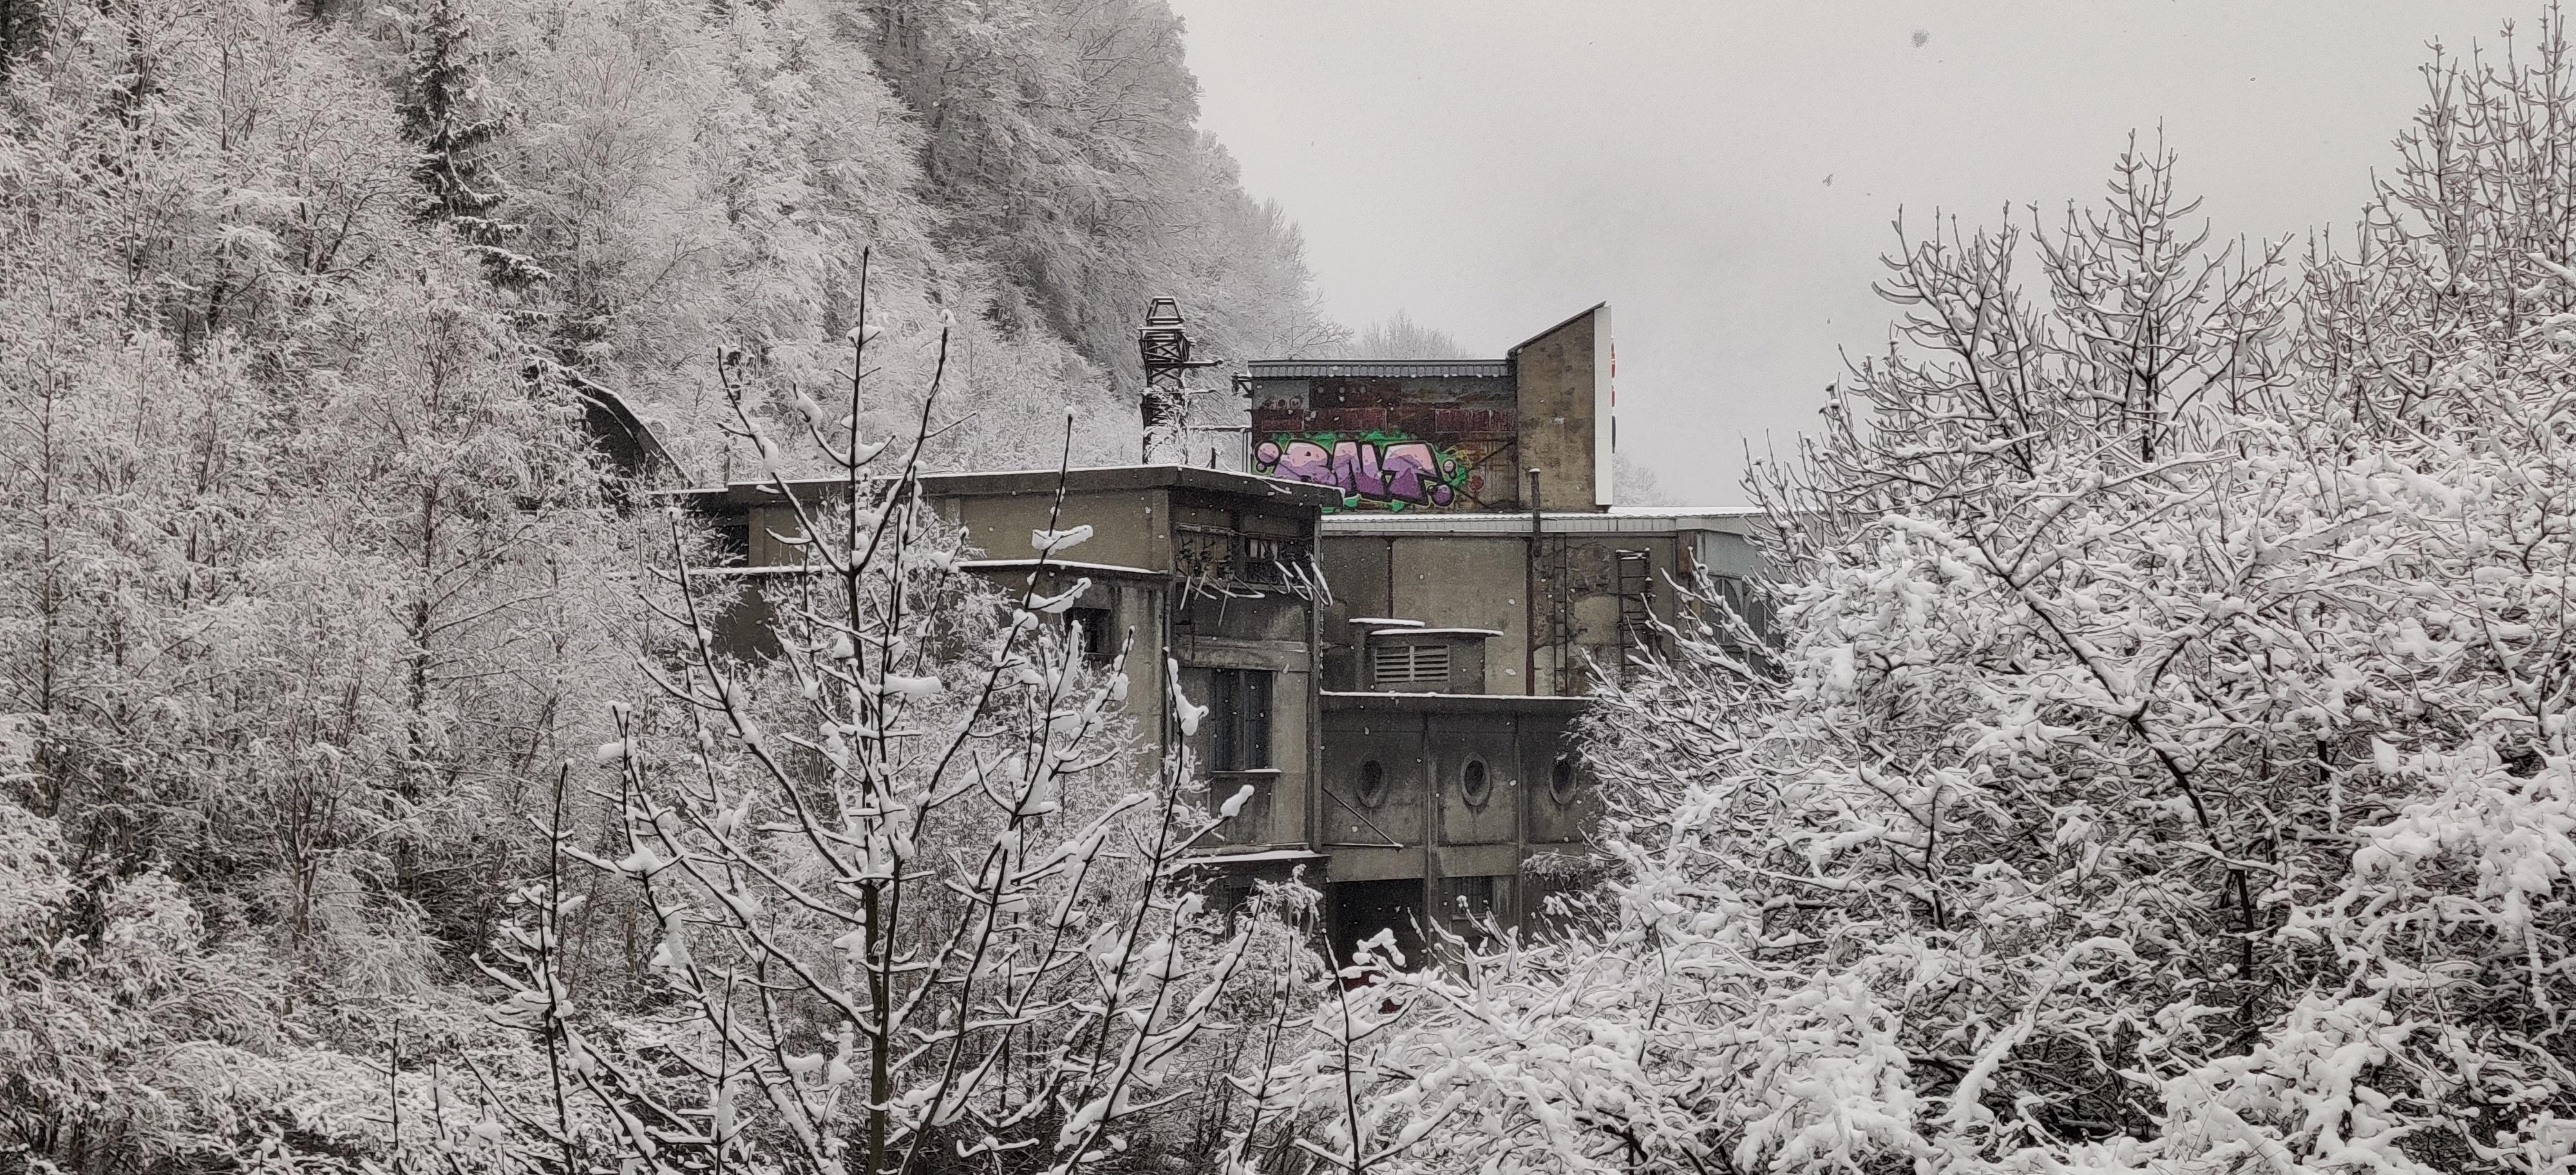 Urbex Frankreich Industriekultur Oisans, ehemaliges Elektrizitätswerk von Livet. Wasserkraftwerk an dem Gebirgsfluss Romanche, Urban Exploration, Winter, Schnee,